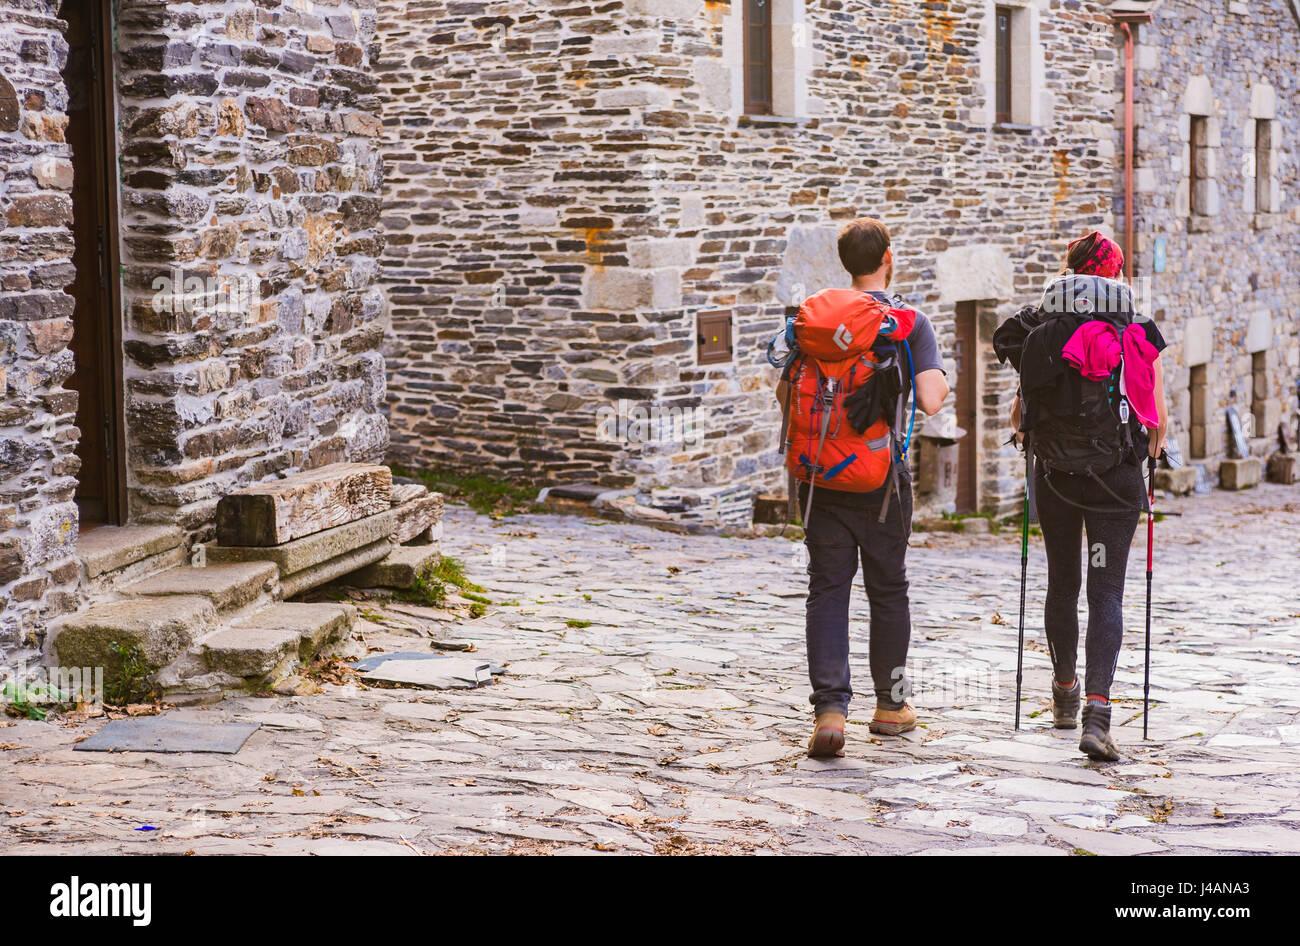 Pilgrims doing the Way of St. James. O Cebreiro. Pedrafita do Cebreiro,Lugo, Galicia, Spain, Europe - Stock Image